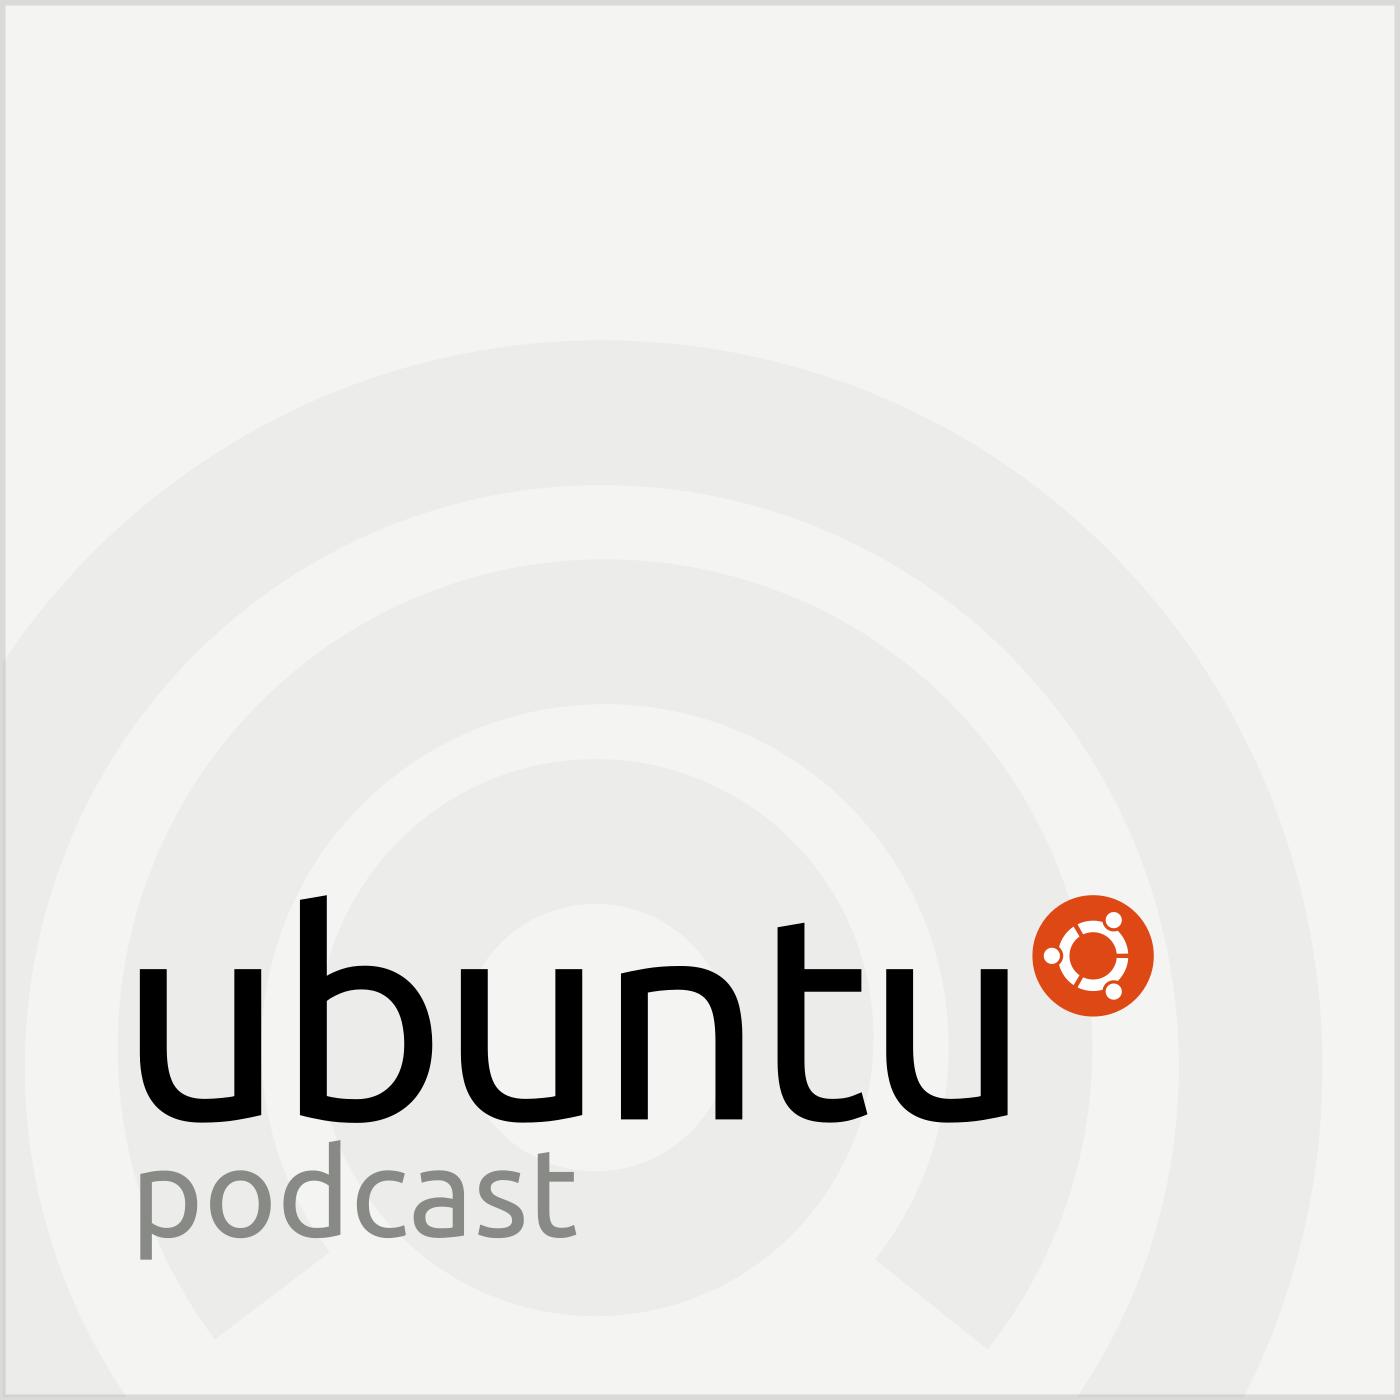 Ubuntu Podcast